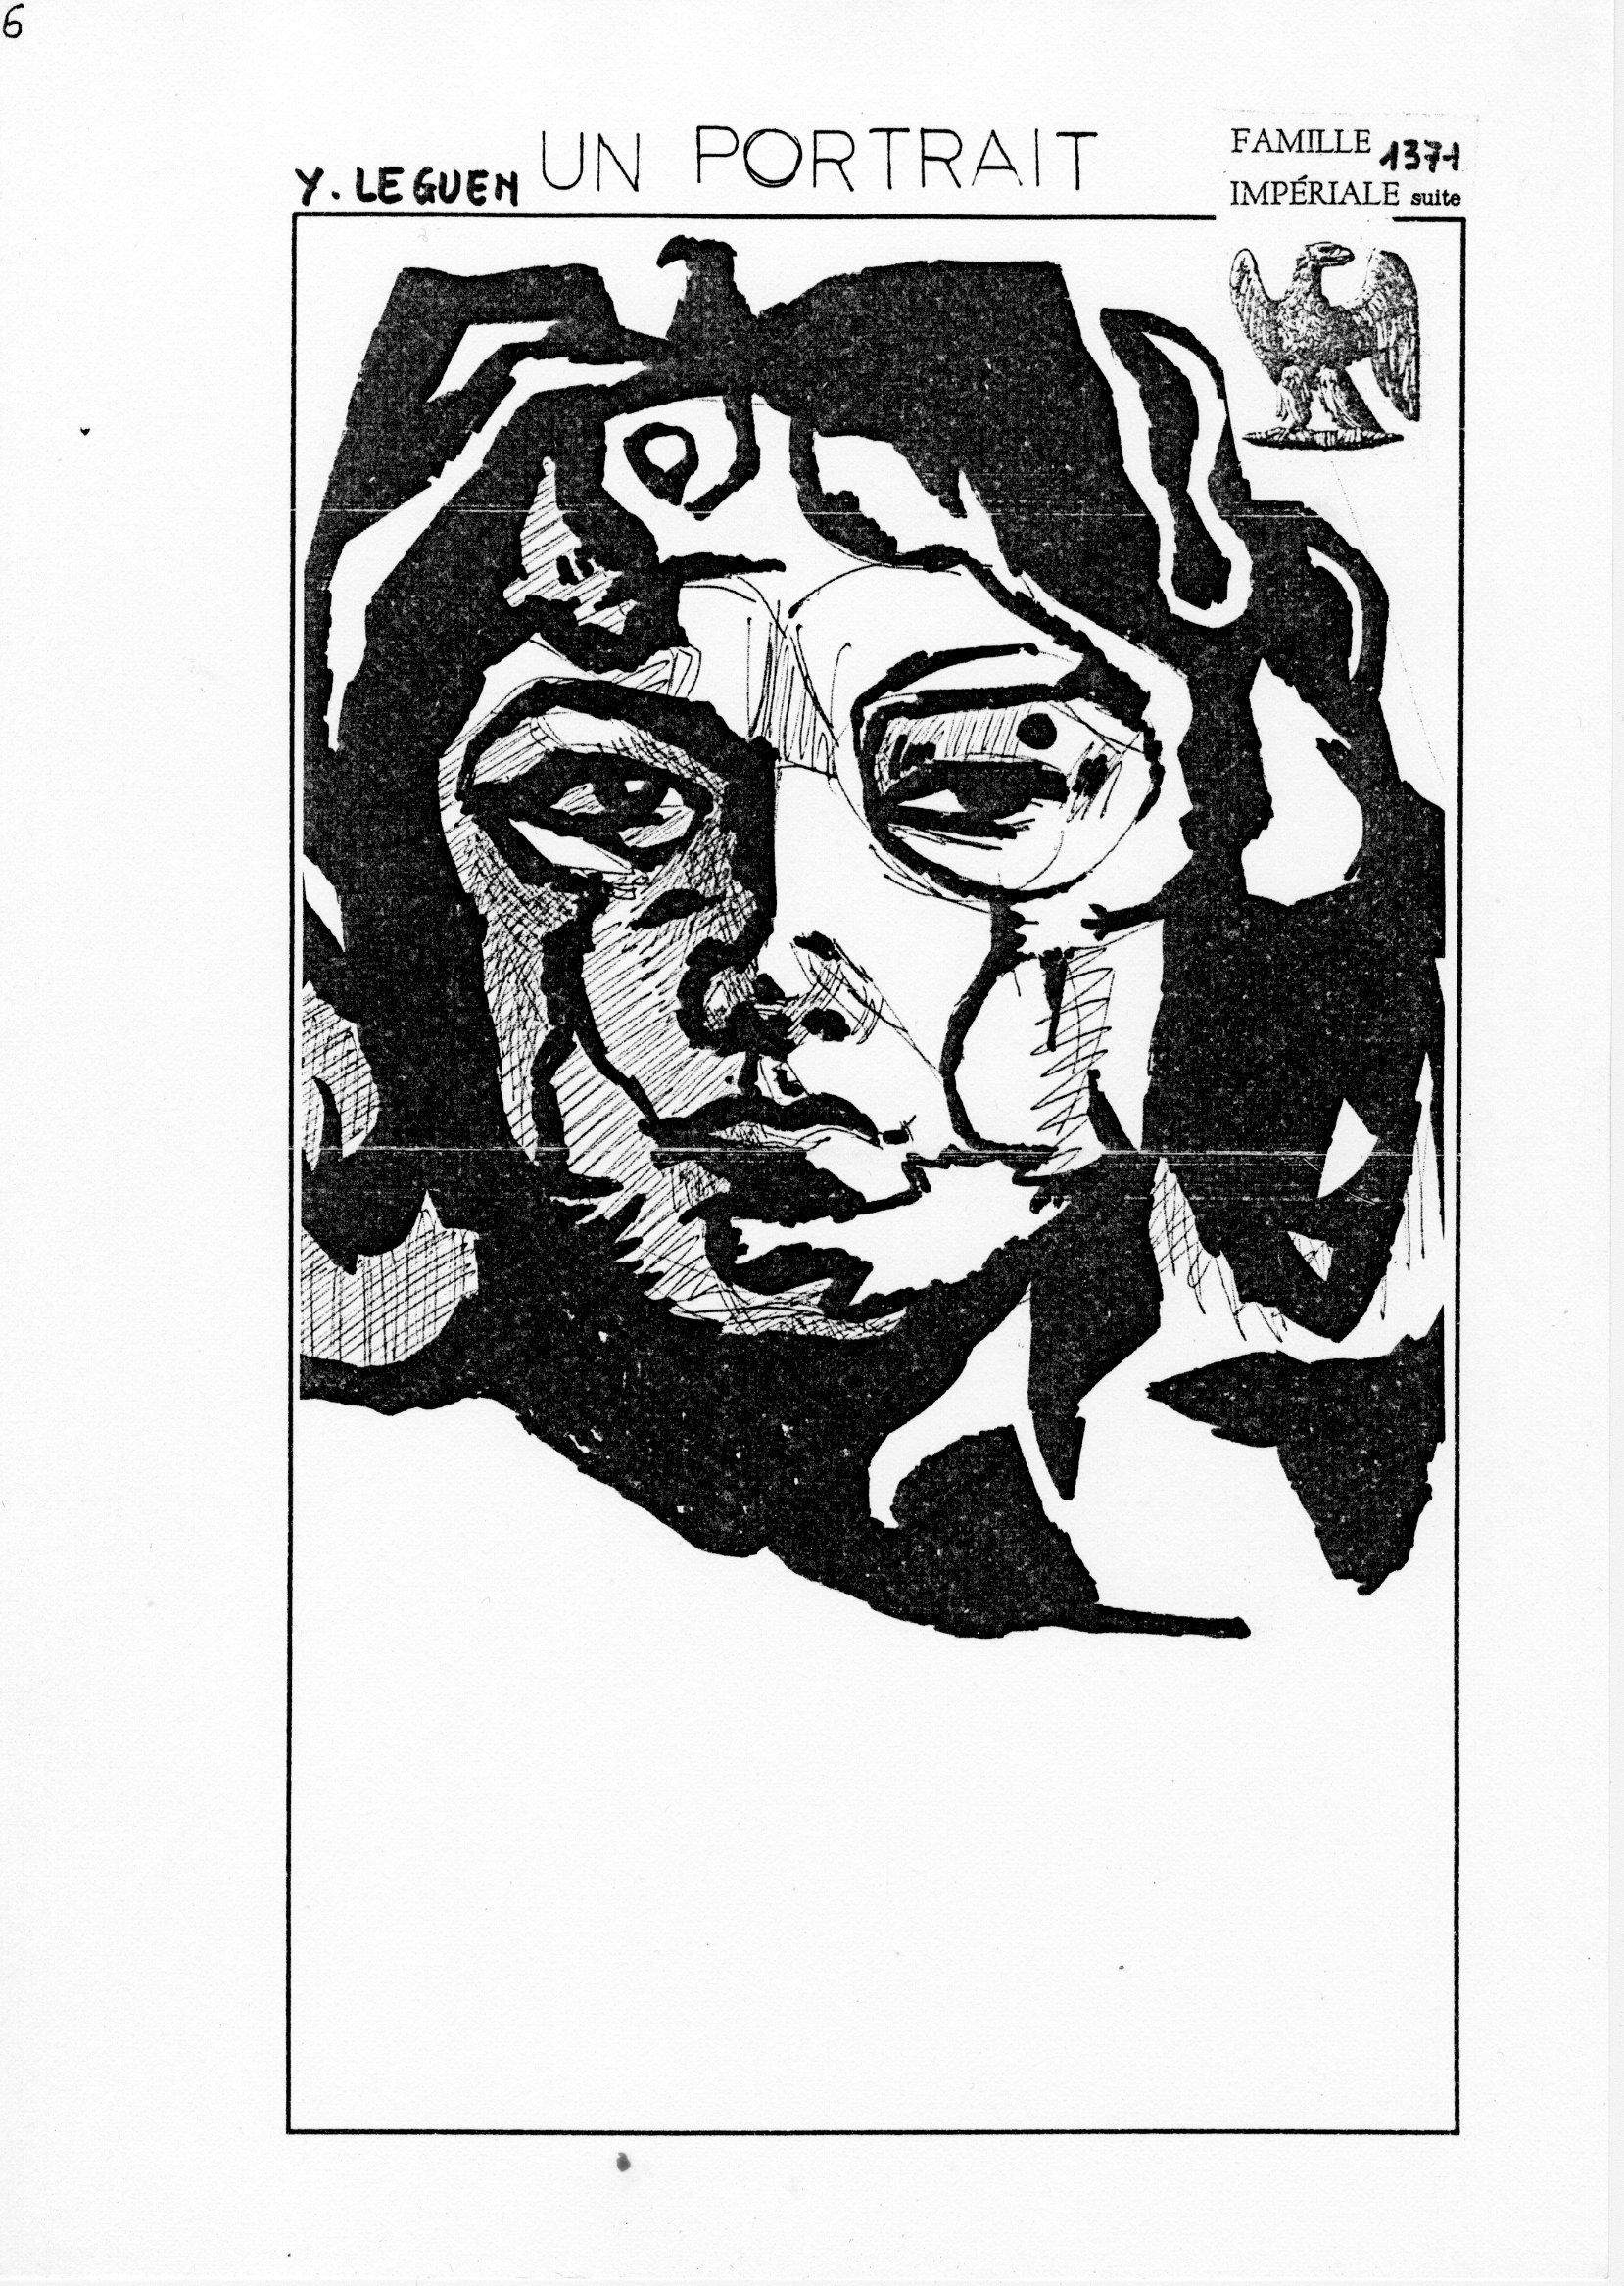 page 1371 Y. Leguen UN PORTRAIT